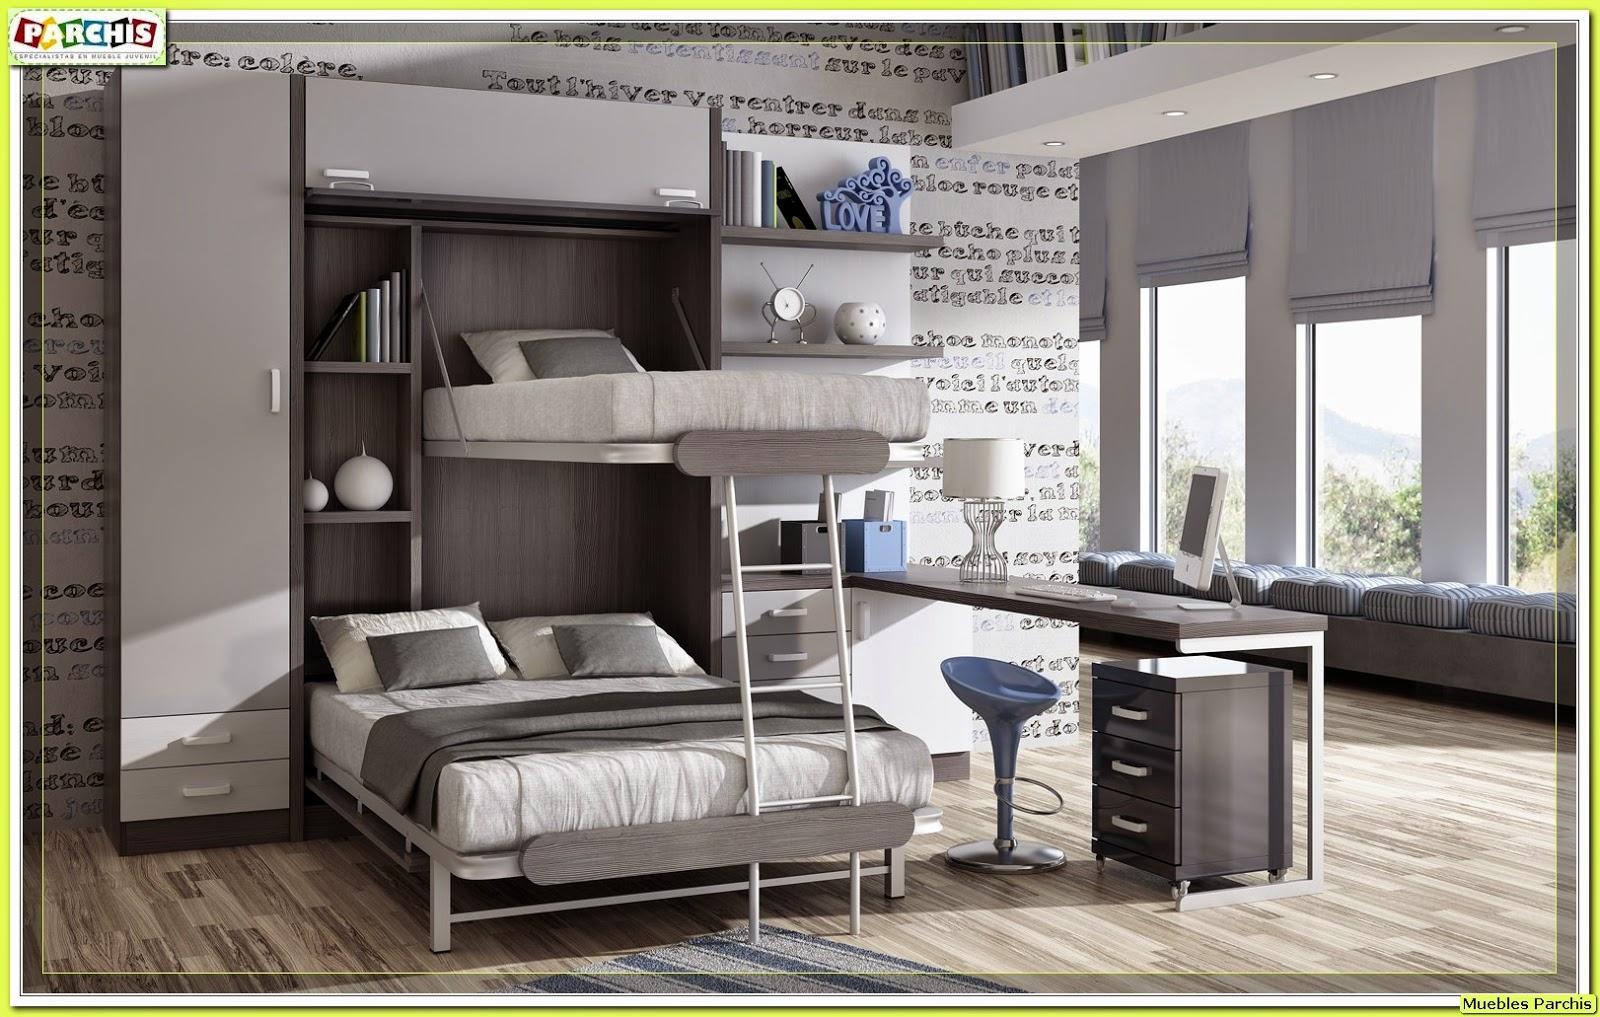 Muebles juveniles dormitorios infantiles y habitaciones for Dormitorios infantiles baratos